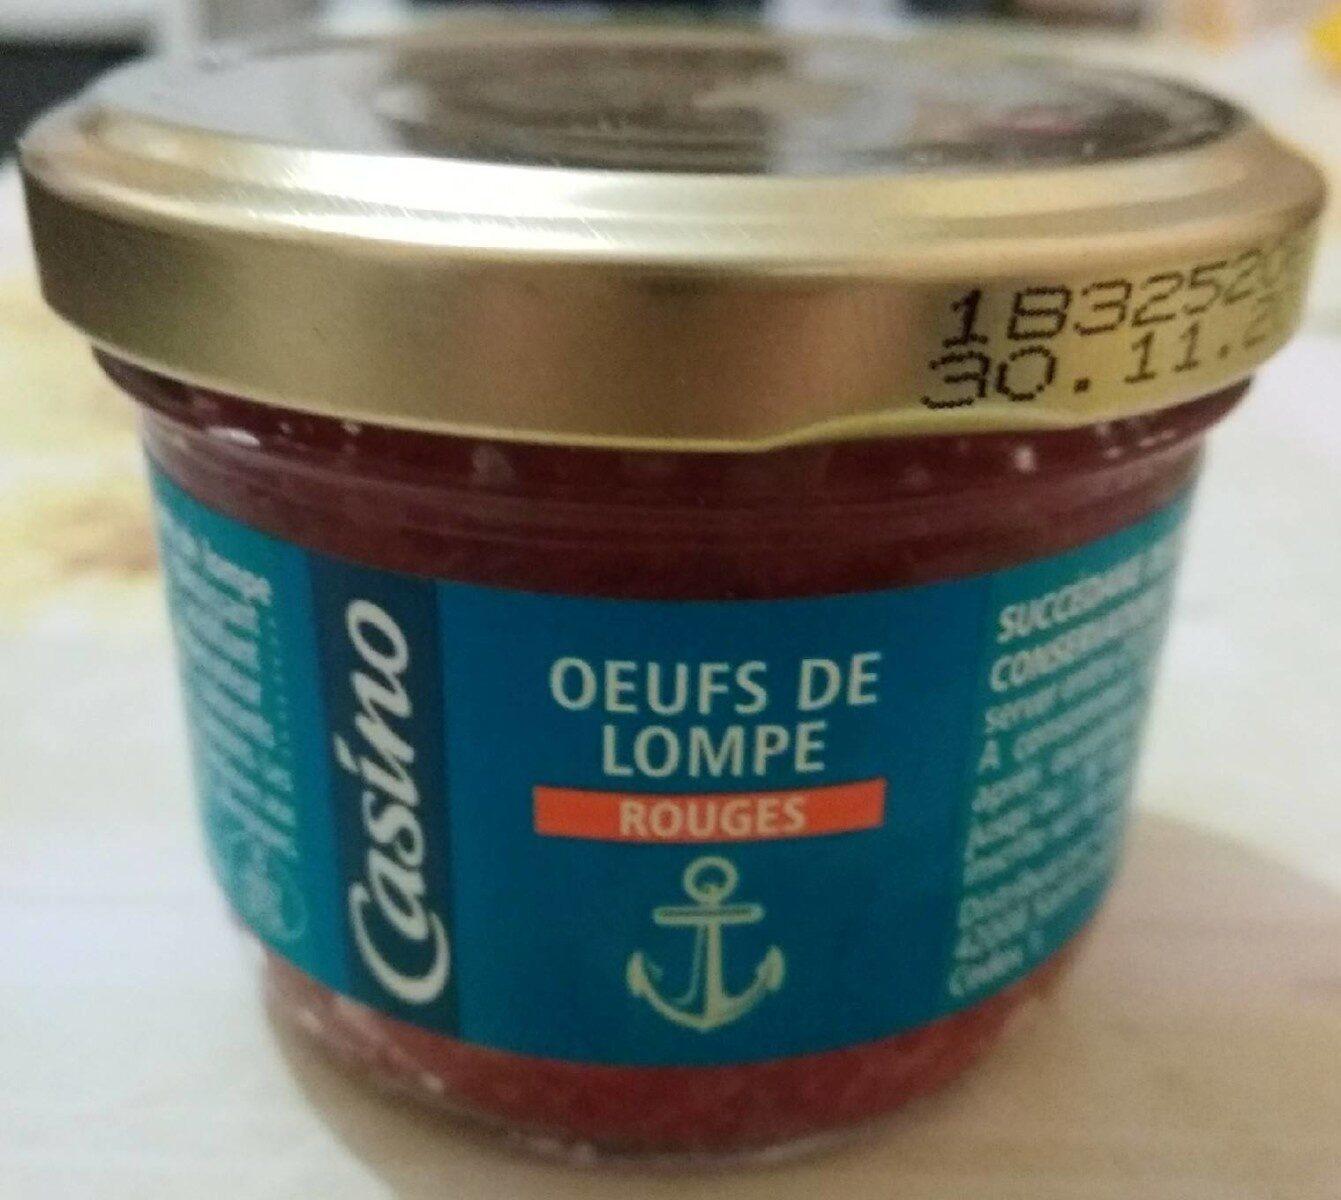 Œufs de lompe rouges - Product - fr